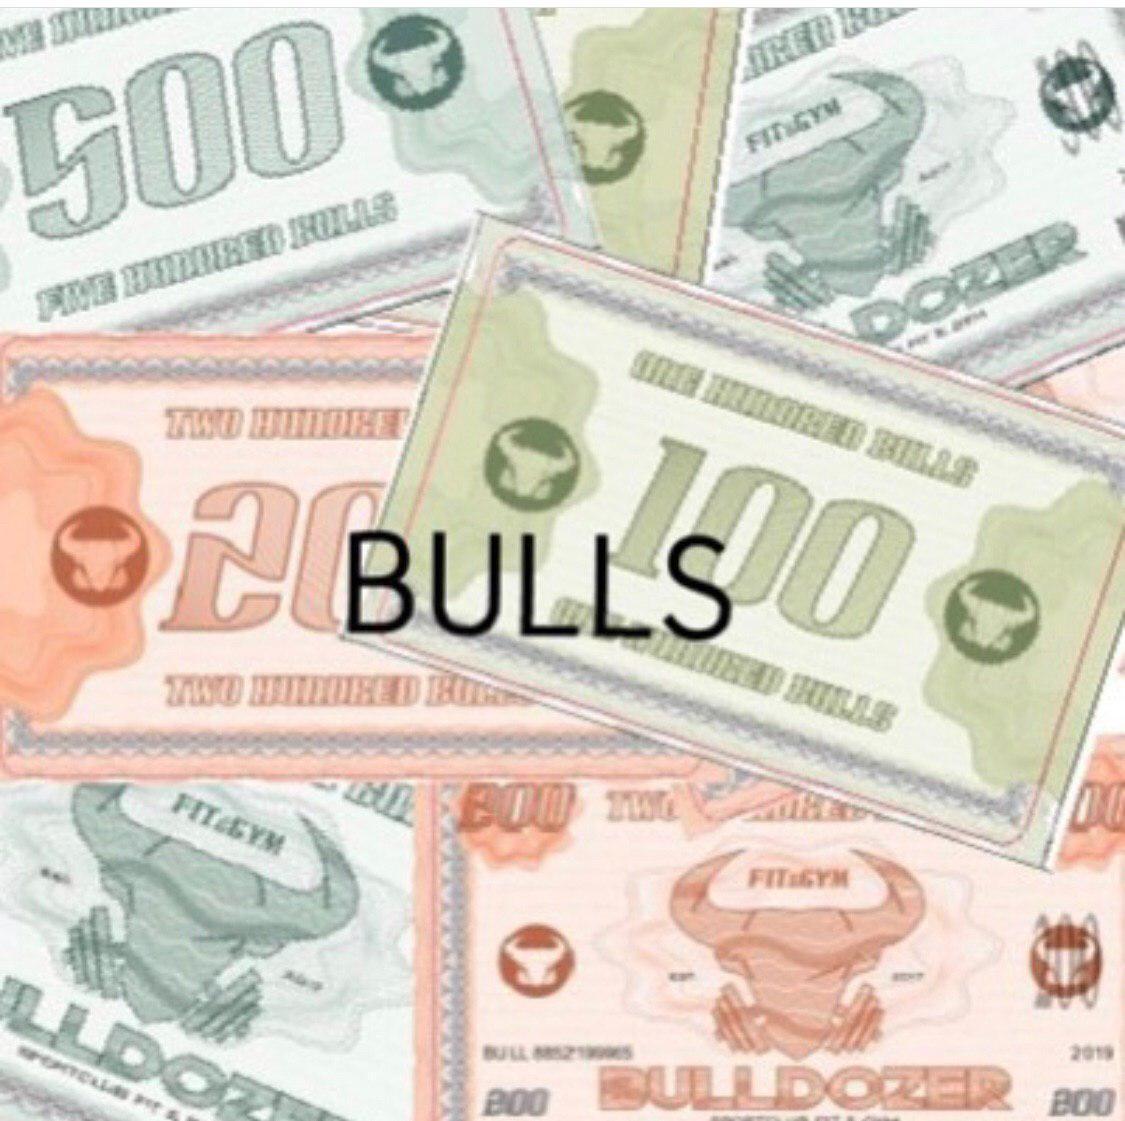 С 14 февраля в BULLDOZER вводится местная валюта ?!